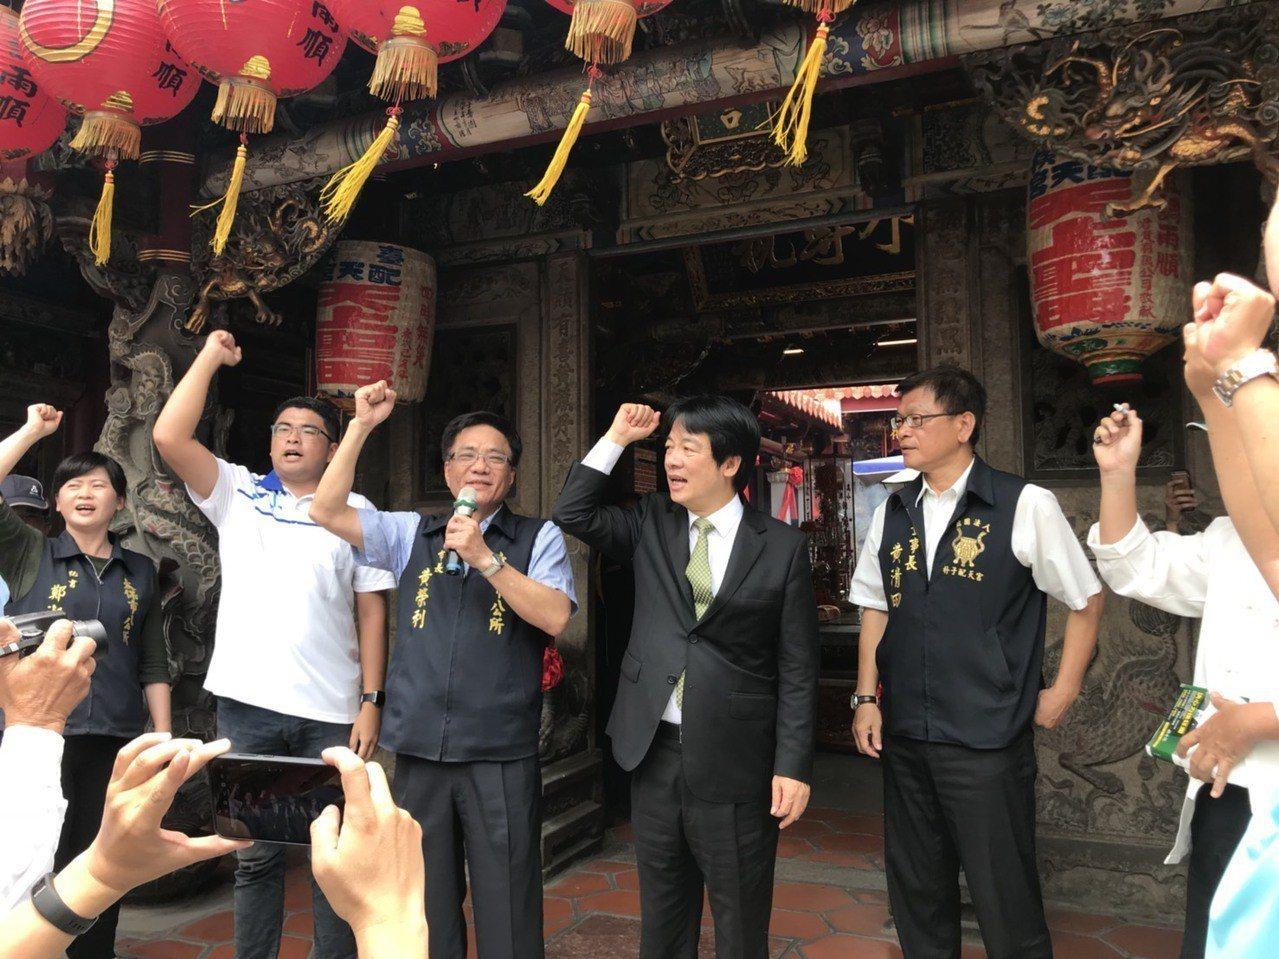 前行政院長賴清德(右二)「壯大台灣之旅」列車今天上午到朴子市配天宮開講,民眾高喊...